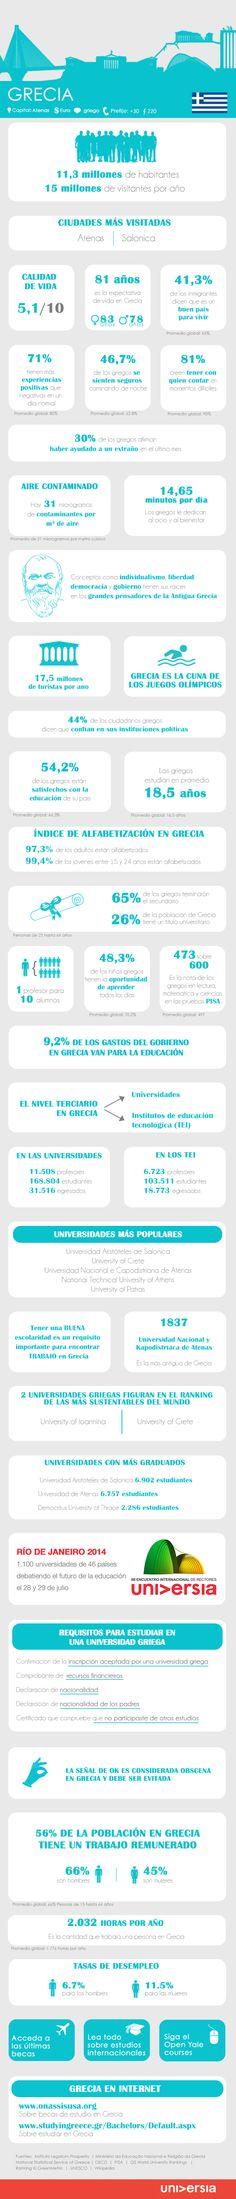 30 claves para estudiar y trabajar en Grecia #infografia